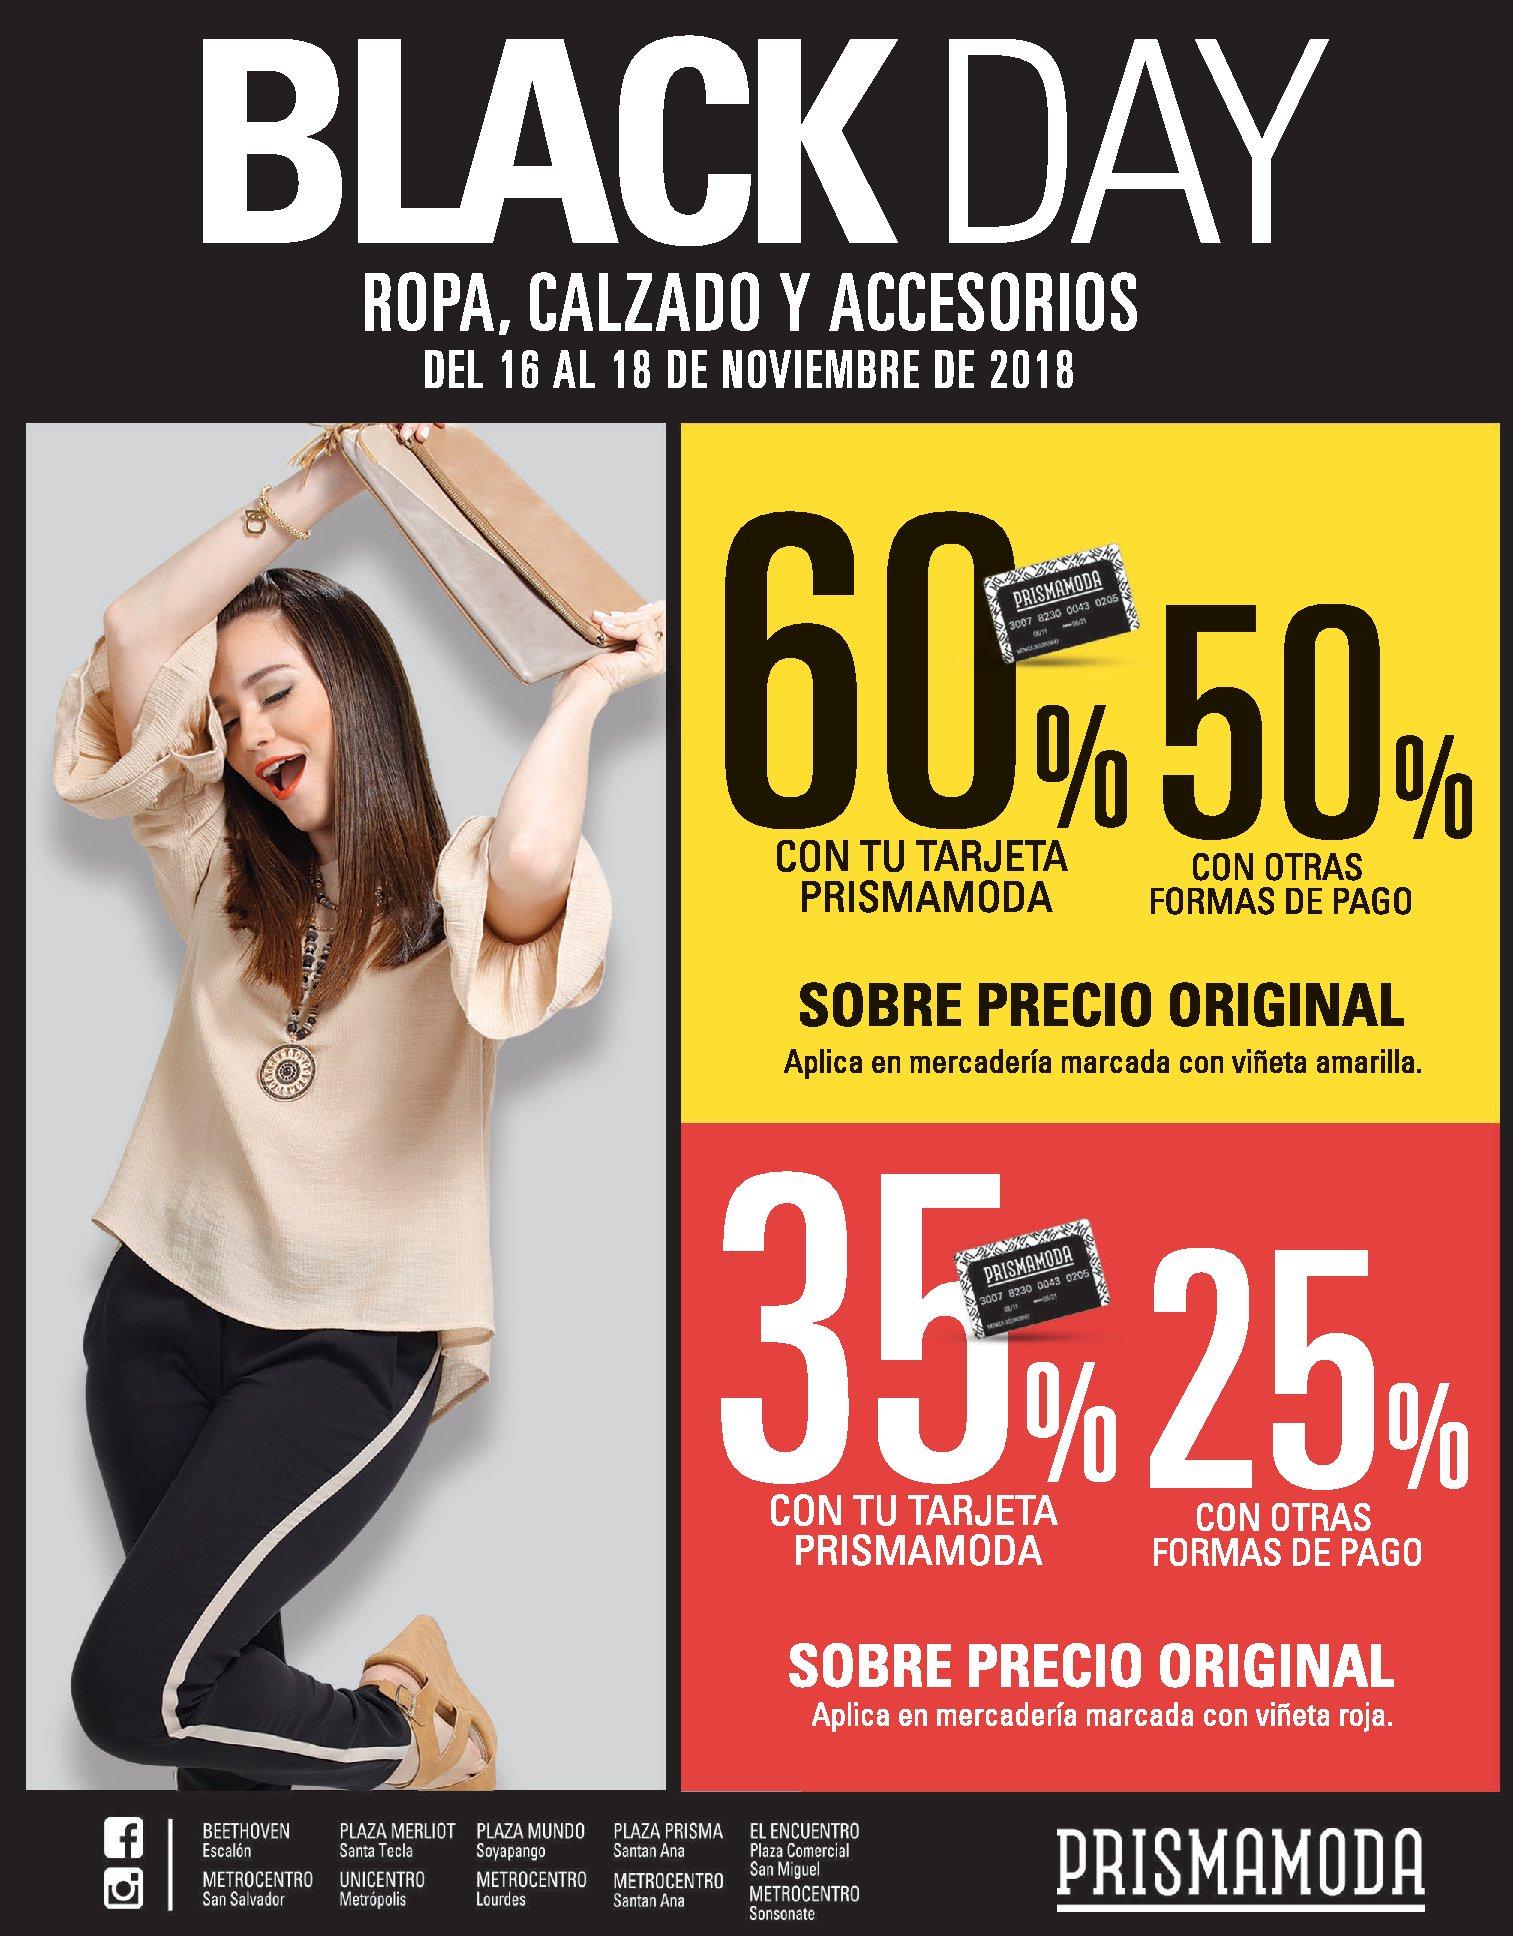 b83d76f26a Prisma Moda Black Friday 2018 ofertas ROPA CALZADO ACCESORIOS ...